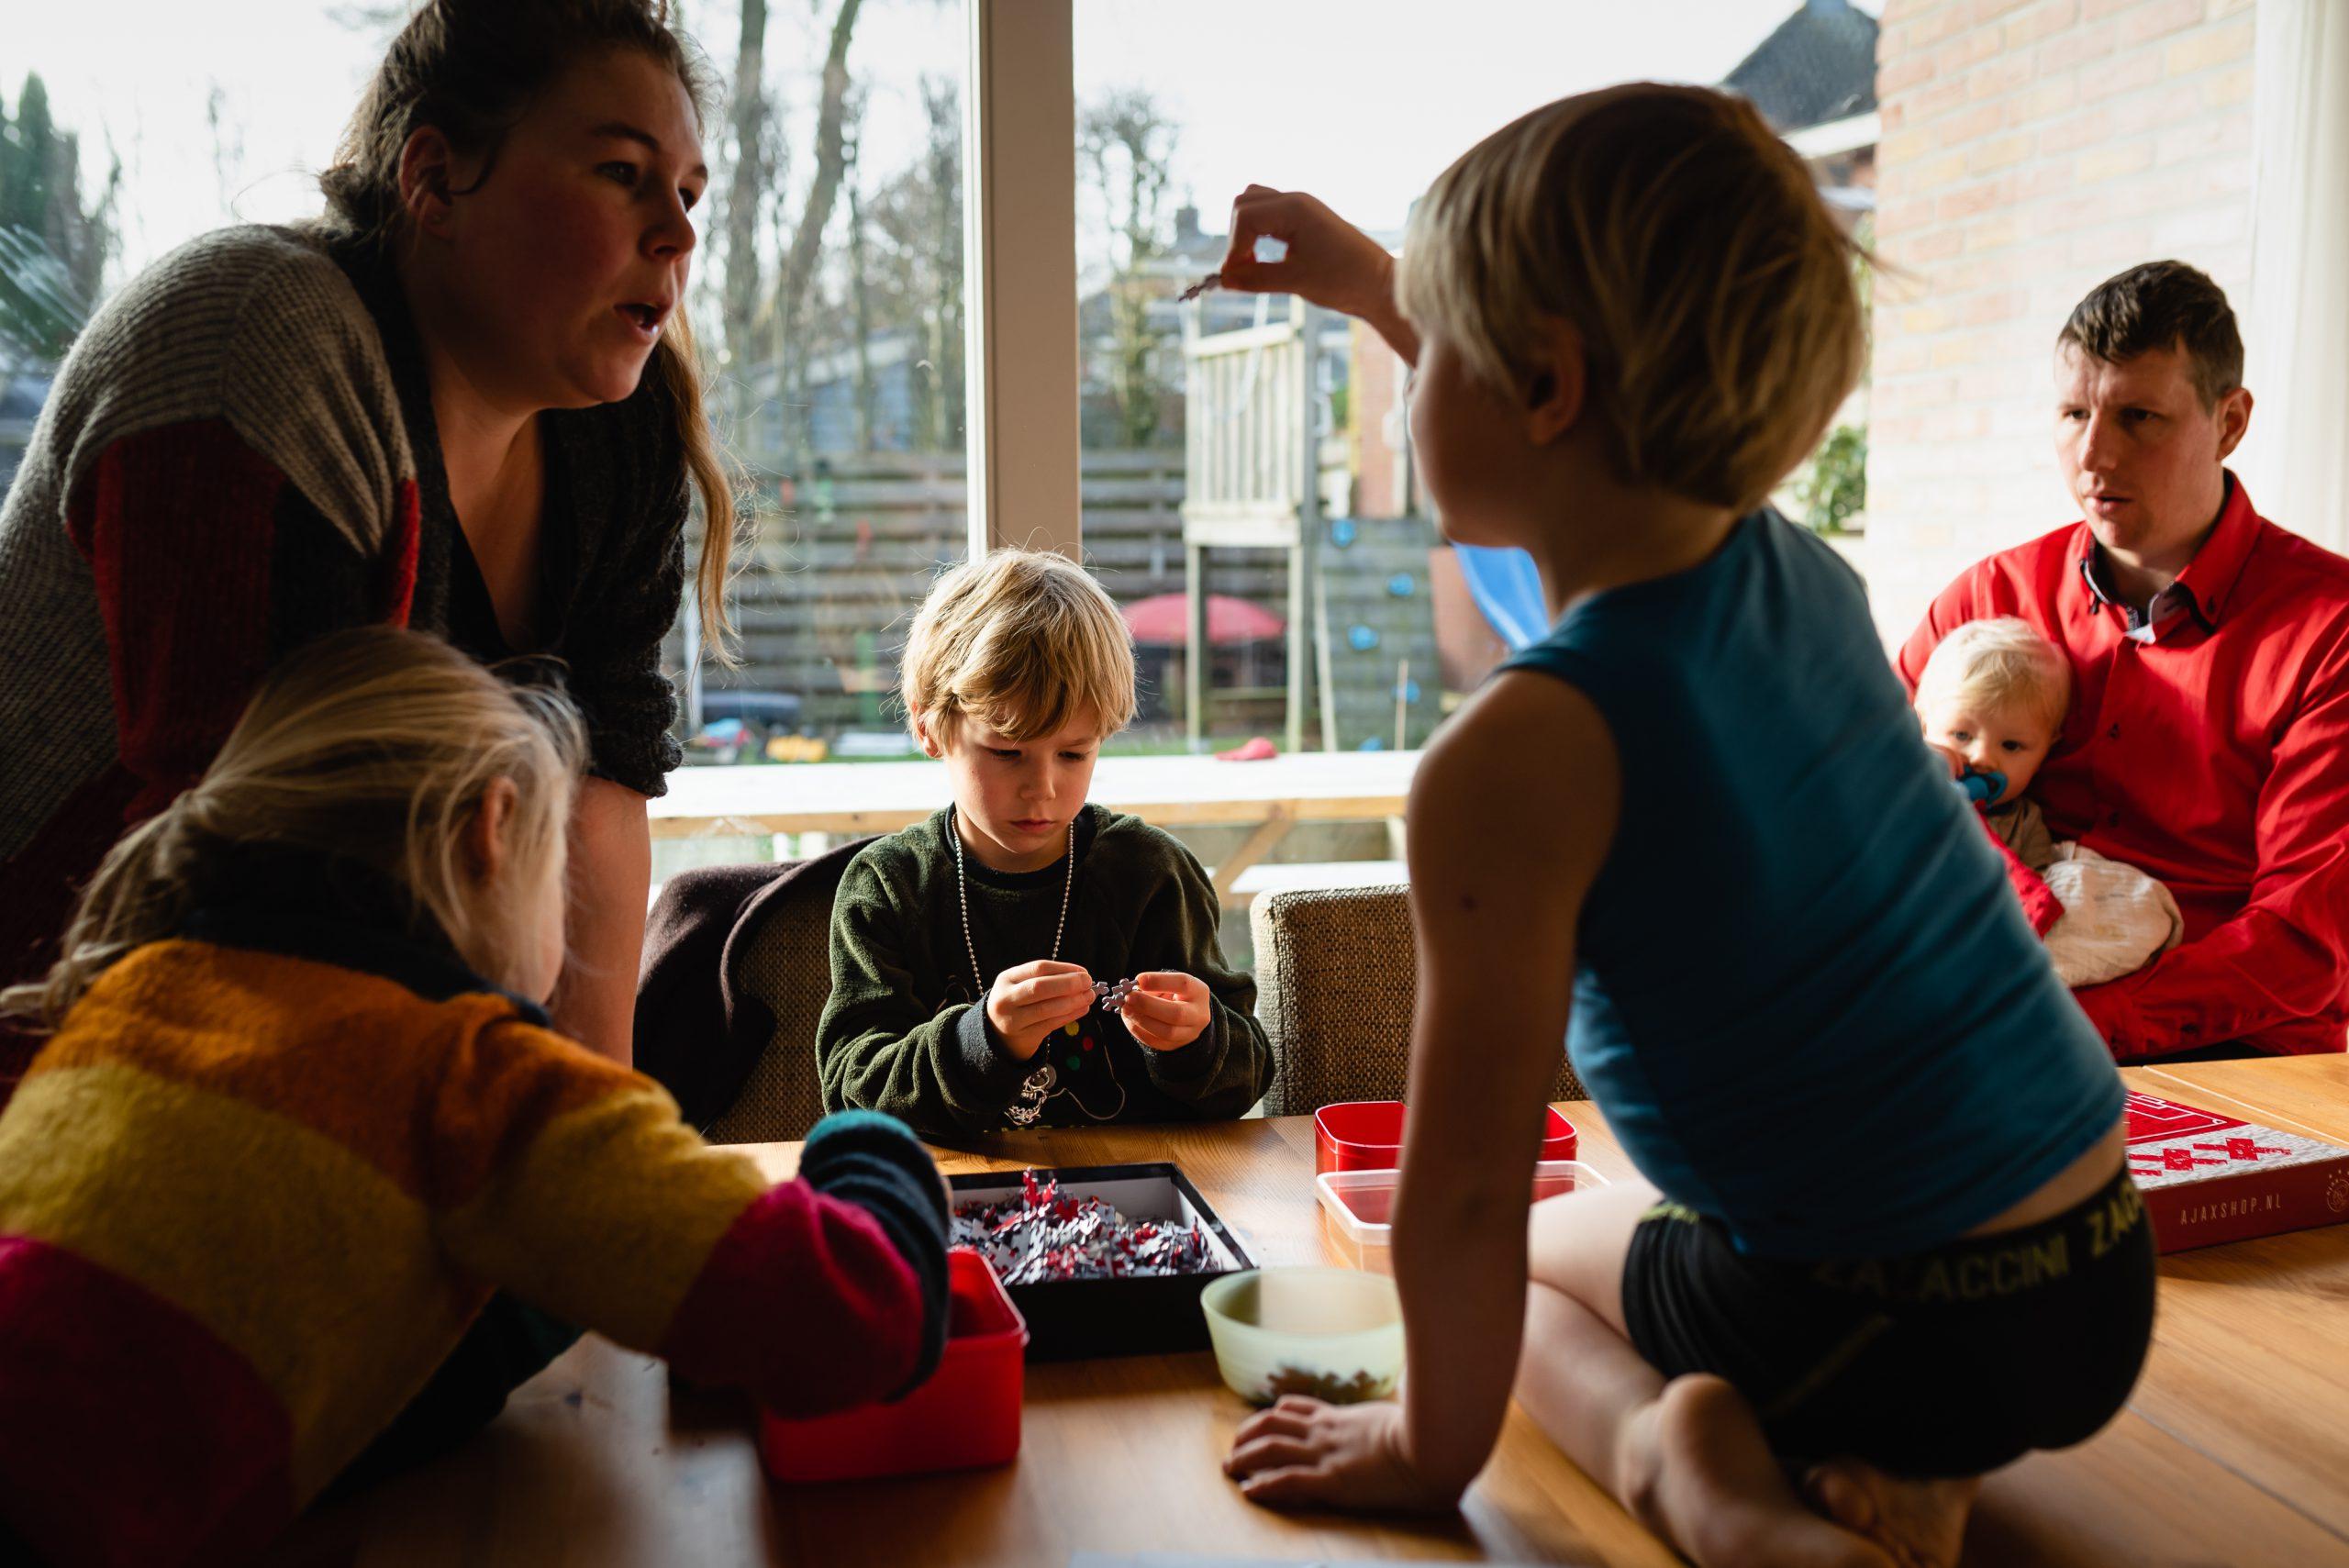 Groot gezin, het gezinsleven, gezinsfotograaf, Assen, Drenthe, familiefotograaf Assen, Familiefotograaf Drenthe, familiefotograaf, kinderen spelen, kinderen puzzel maken.